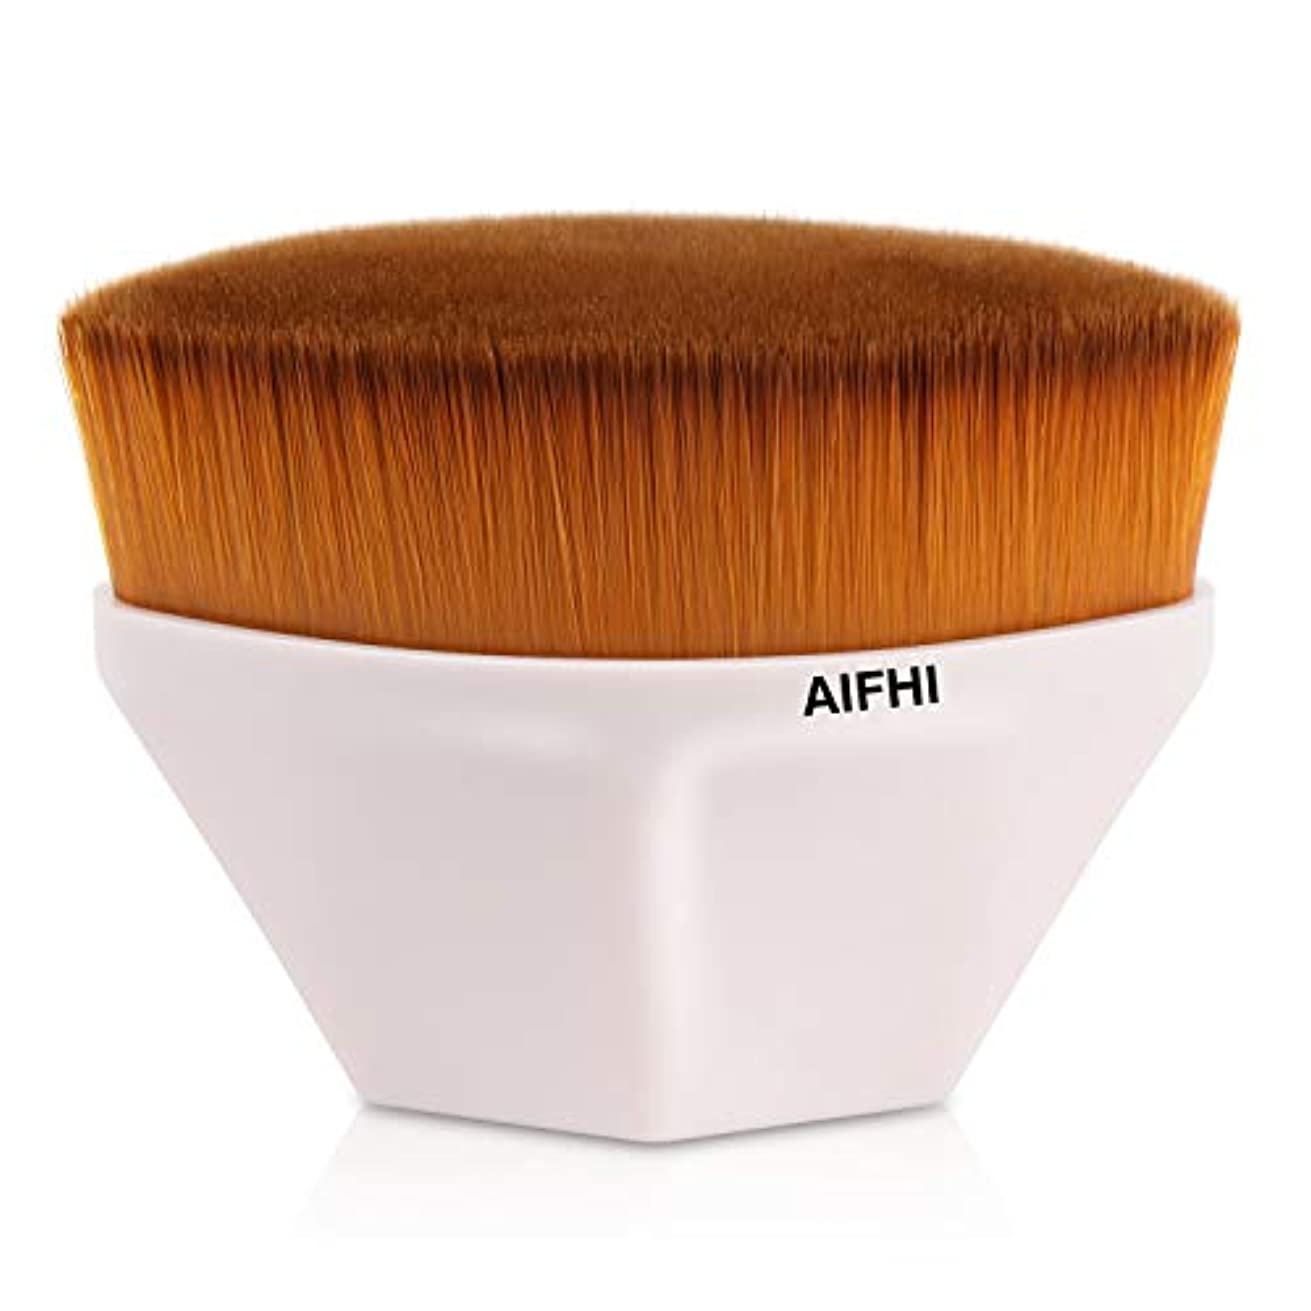 勝者リンスループAIFHI メイクアップブラシ 粧ブラシ 化粧筆 ファンデーションブラシ 肌に優しい 携帯便利 高級のタクロンを使用 (ライトピンク)